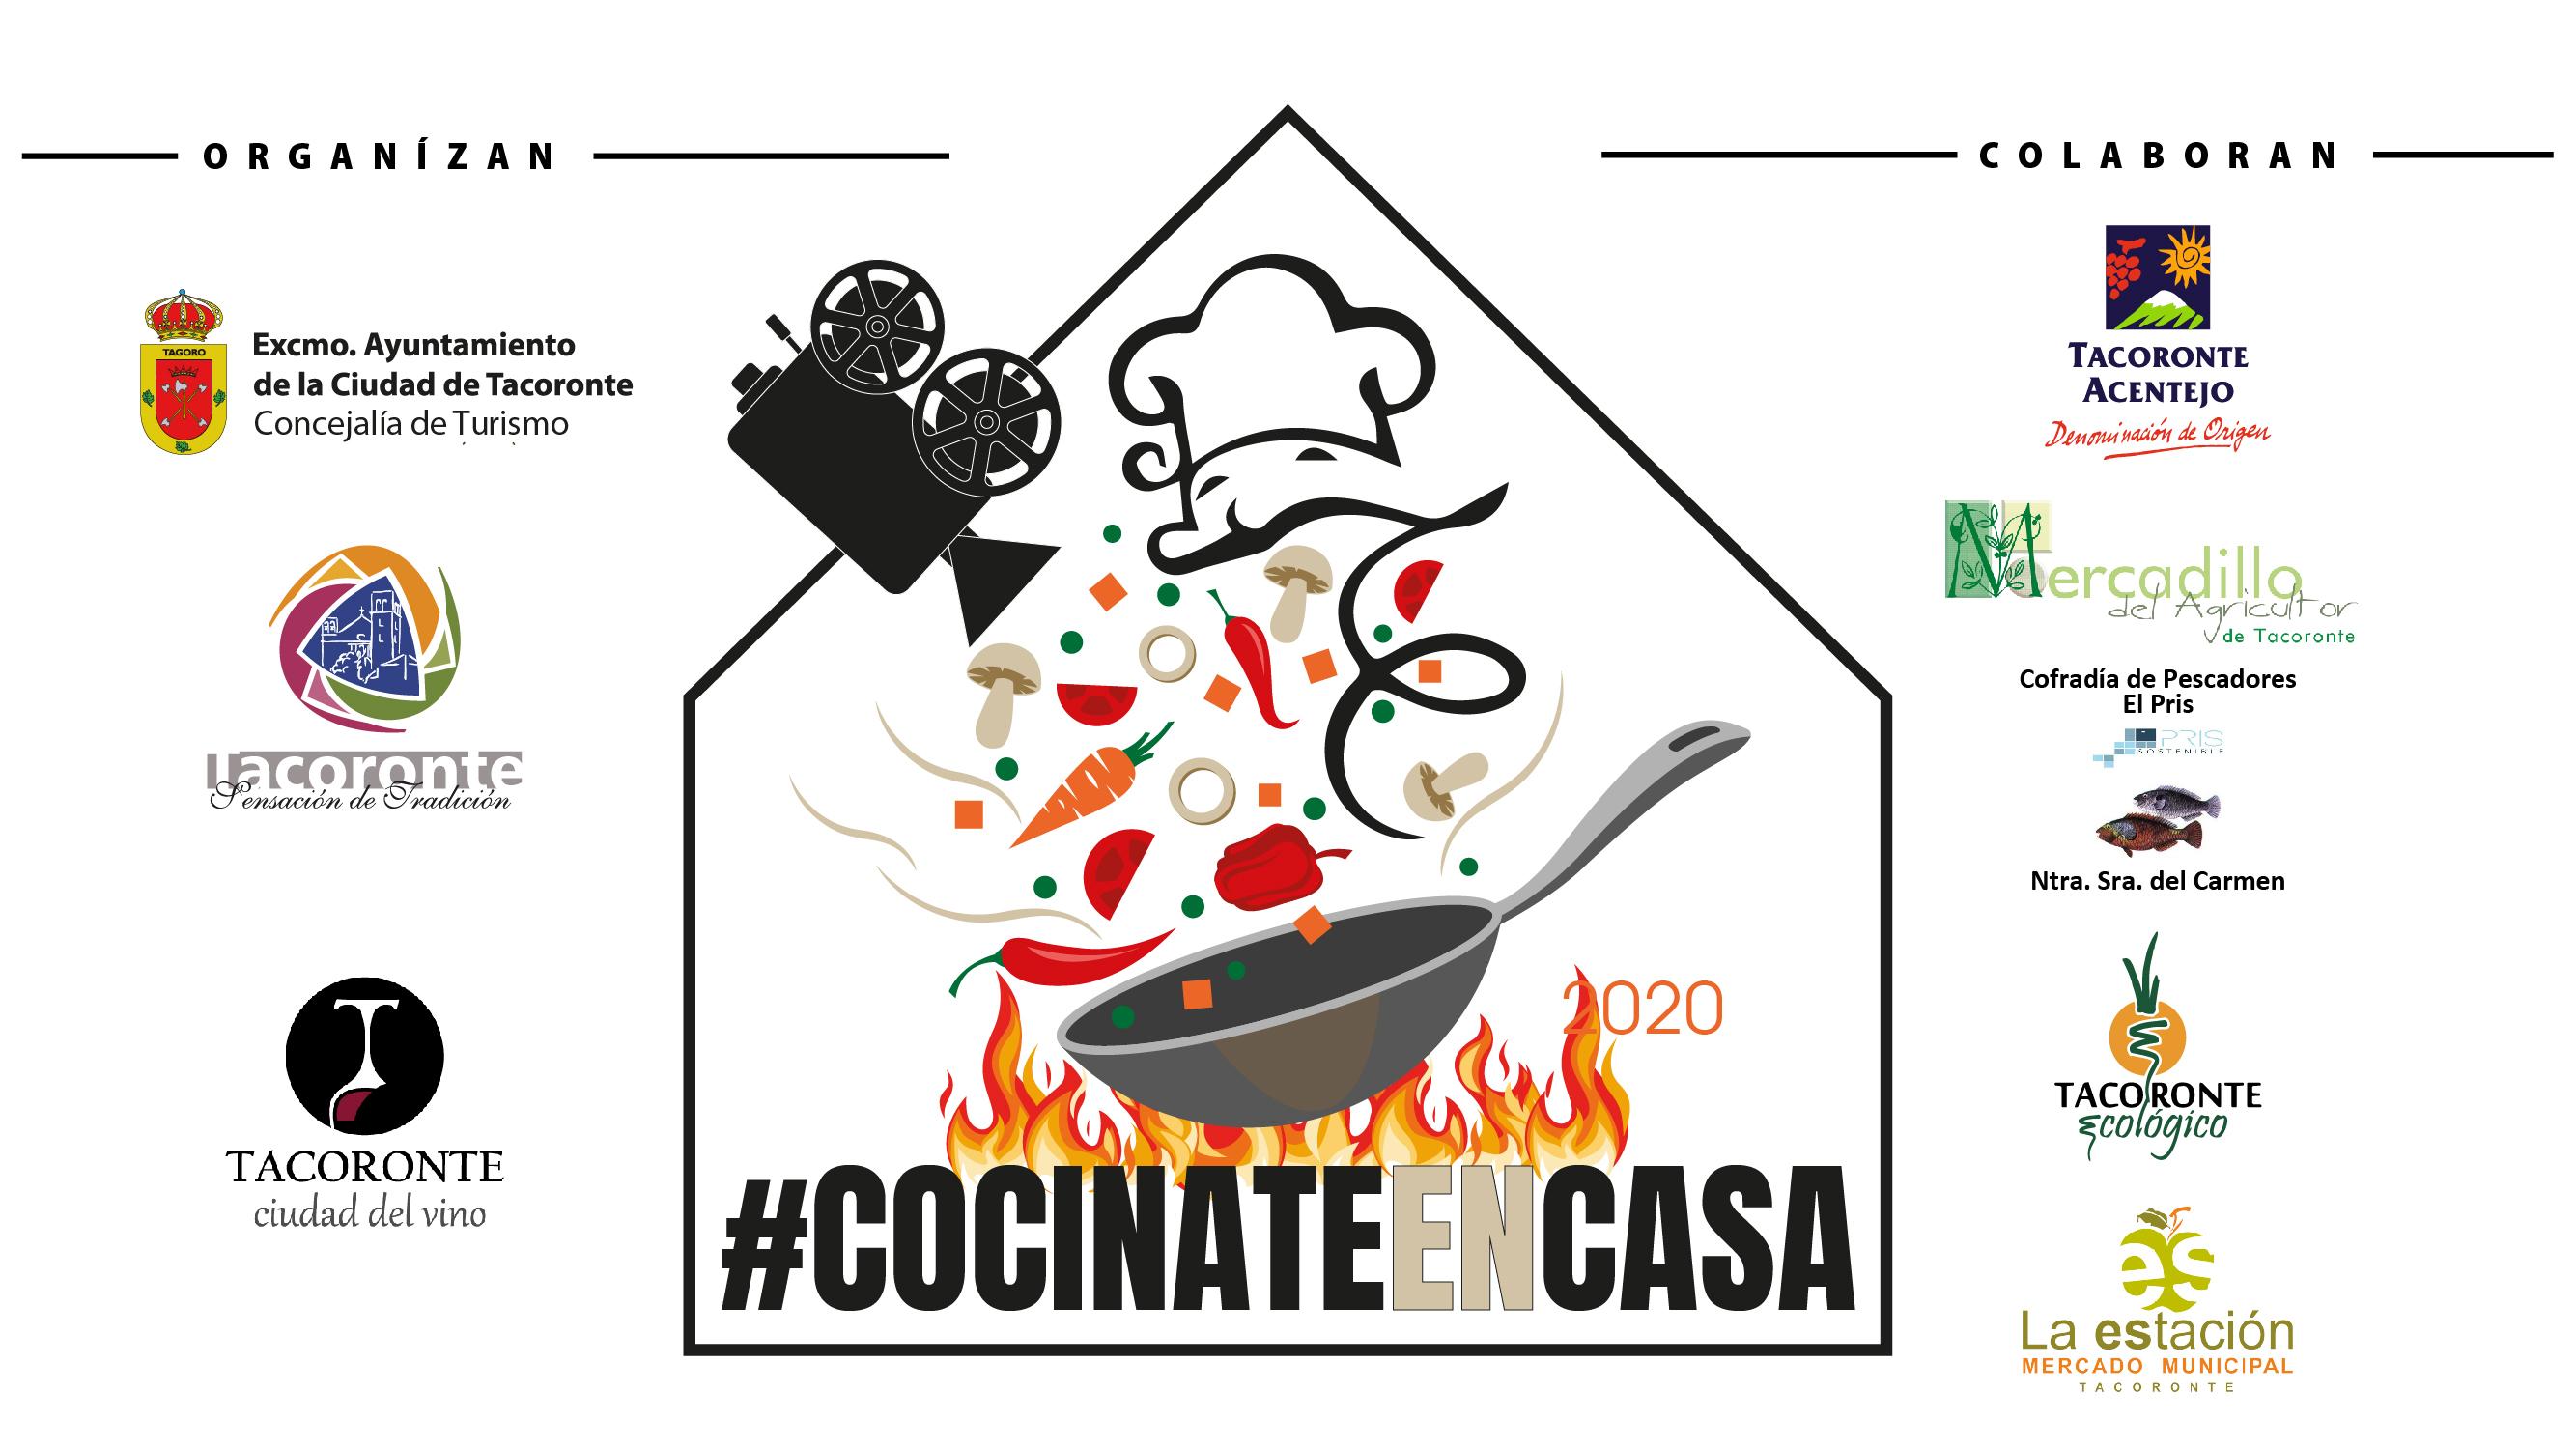 COCÍNATE EN CASA… CON TACORONTE-ACENTEJO